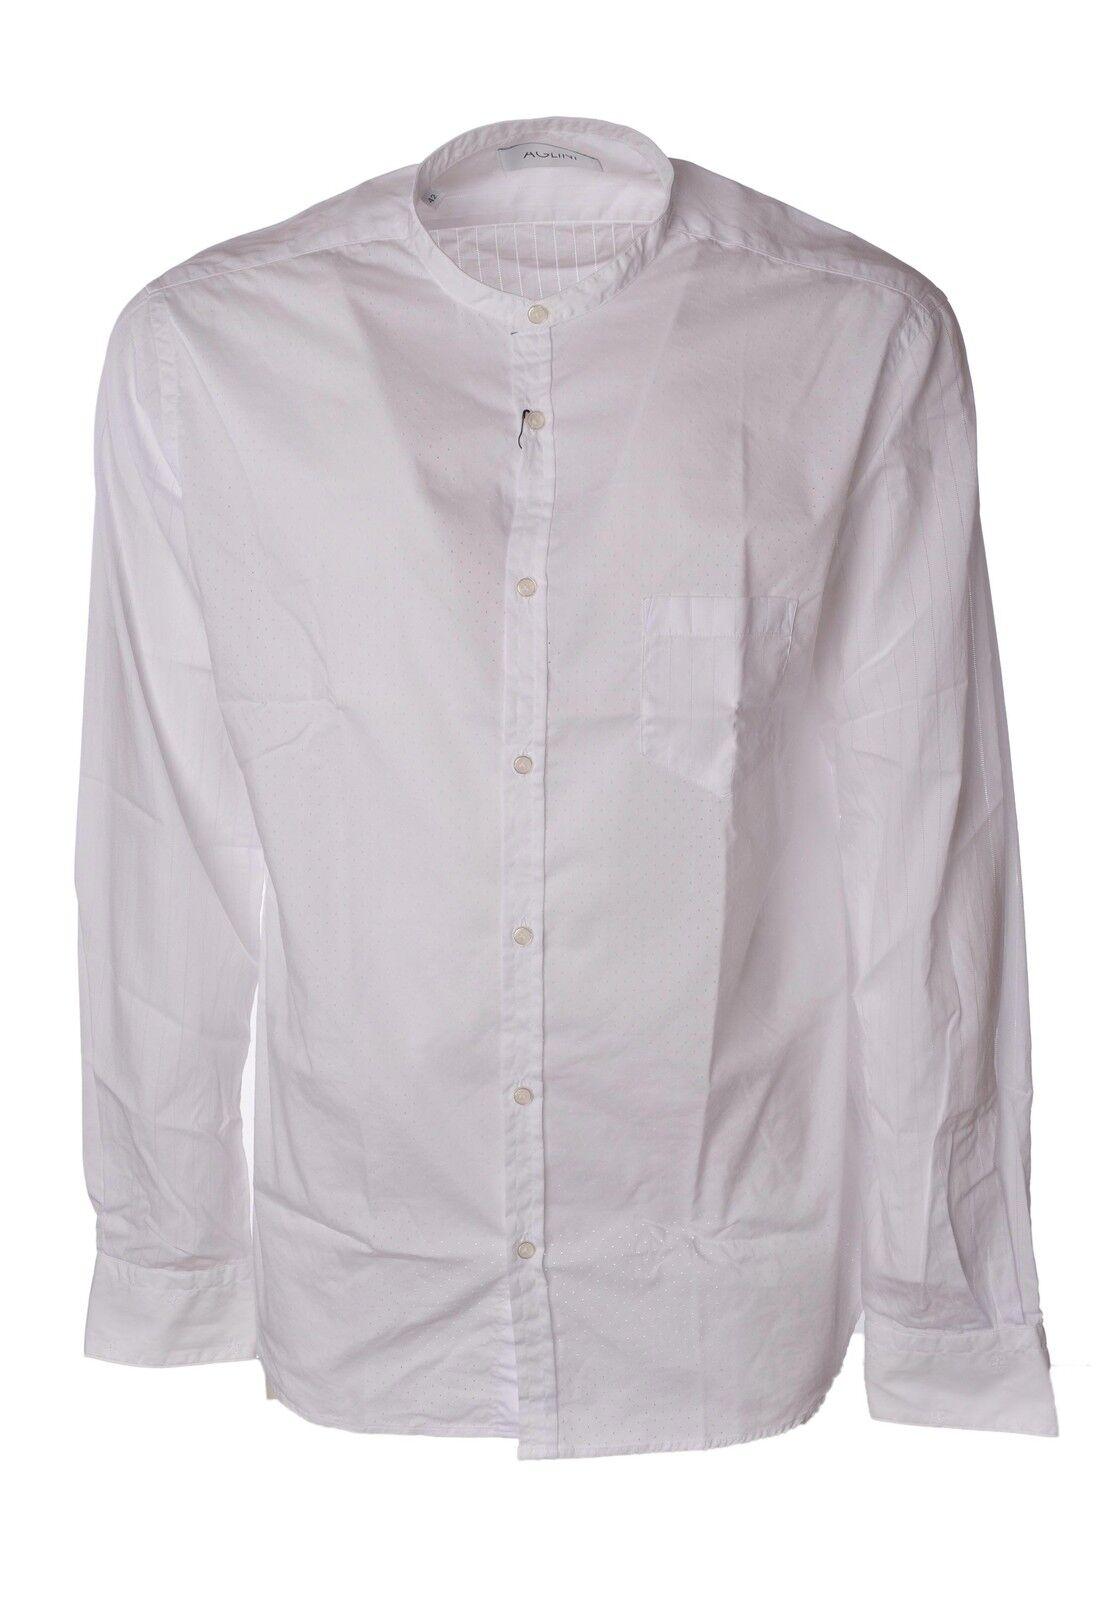 Aglini  -  Camicia - Uomo - Bianco - 3819129A185015